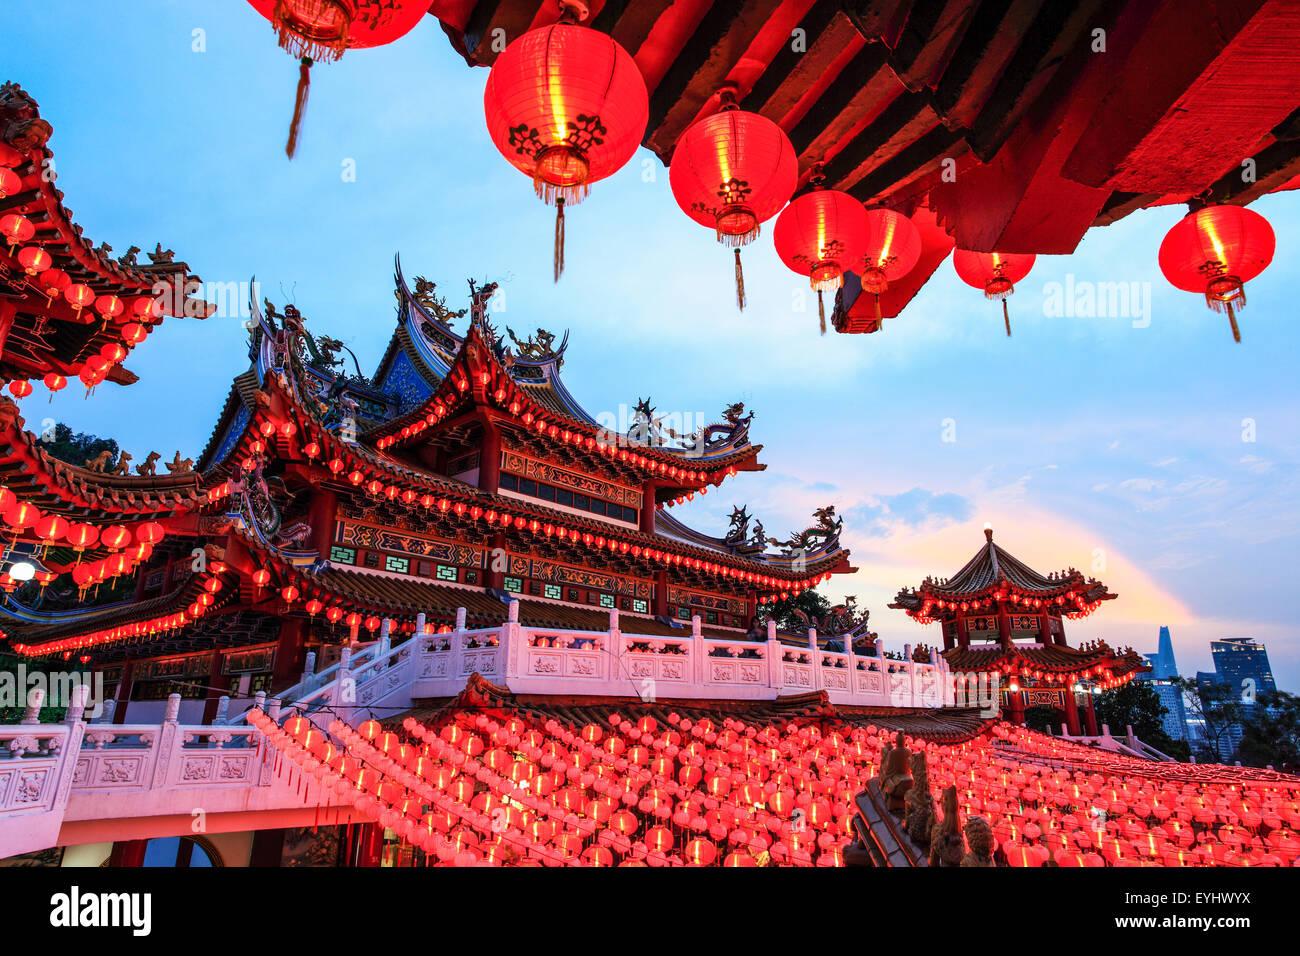 El templo de Thean Hou linternas todos encendidos durante el Año Nuevo Chino. Imagen De Stock